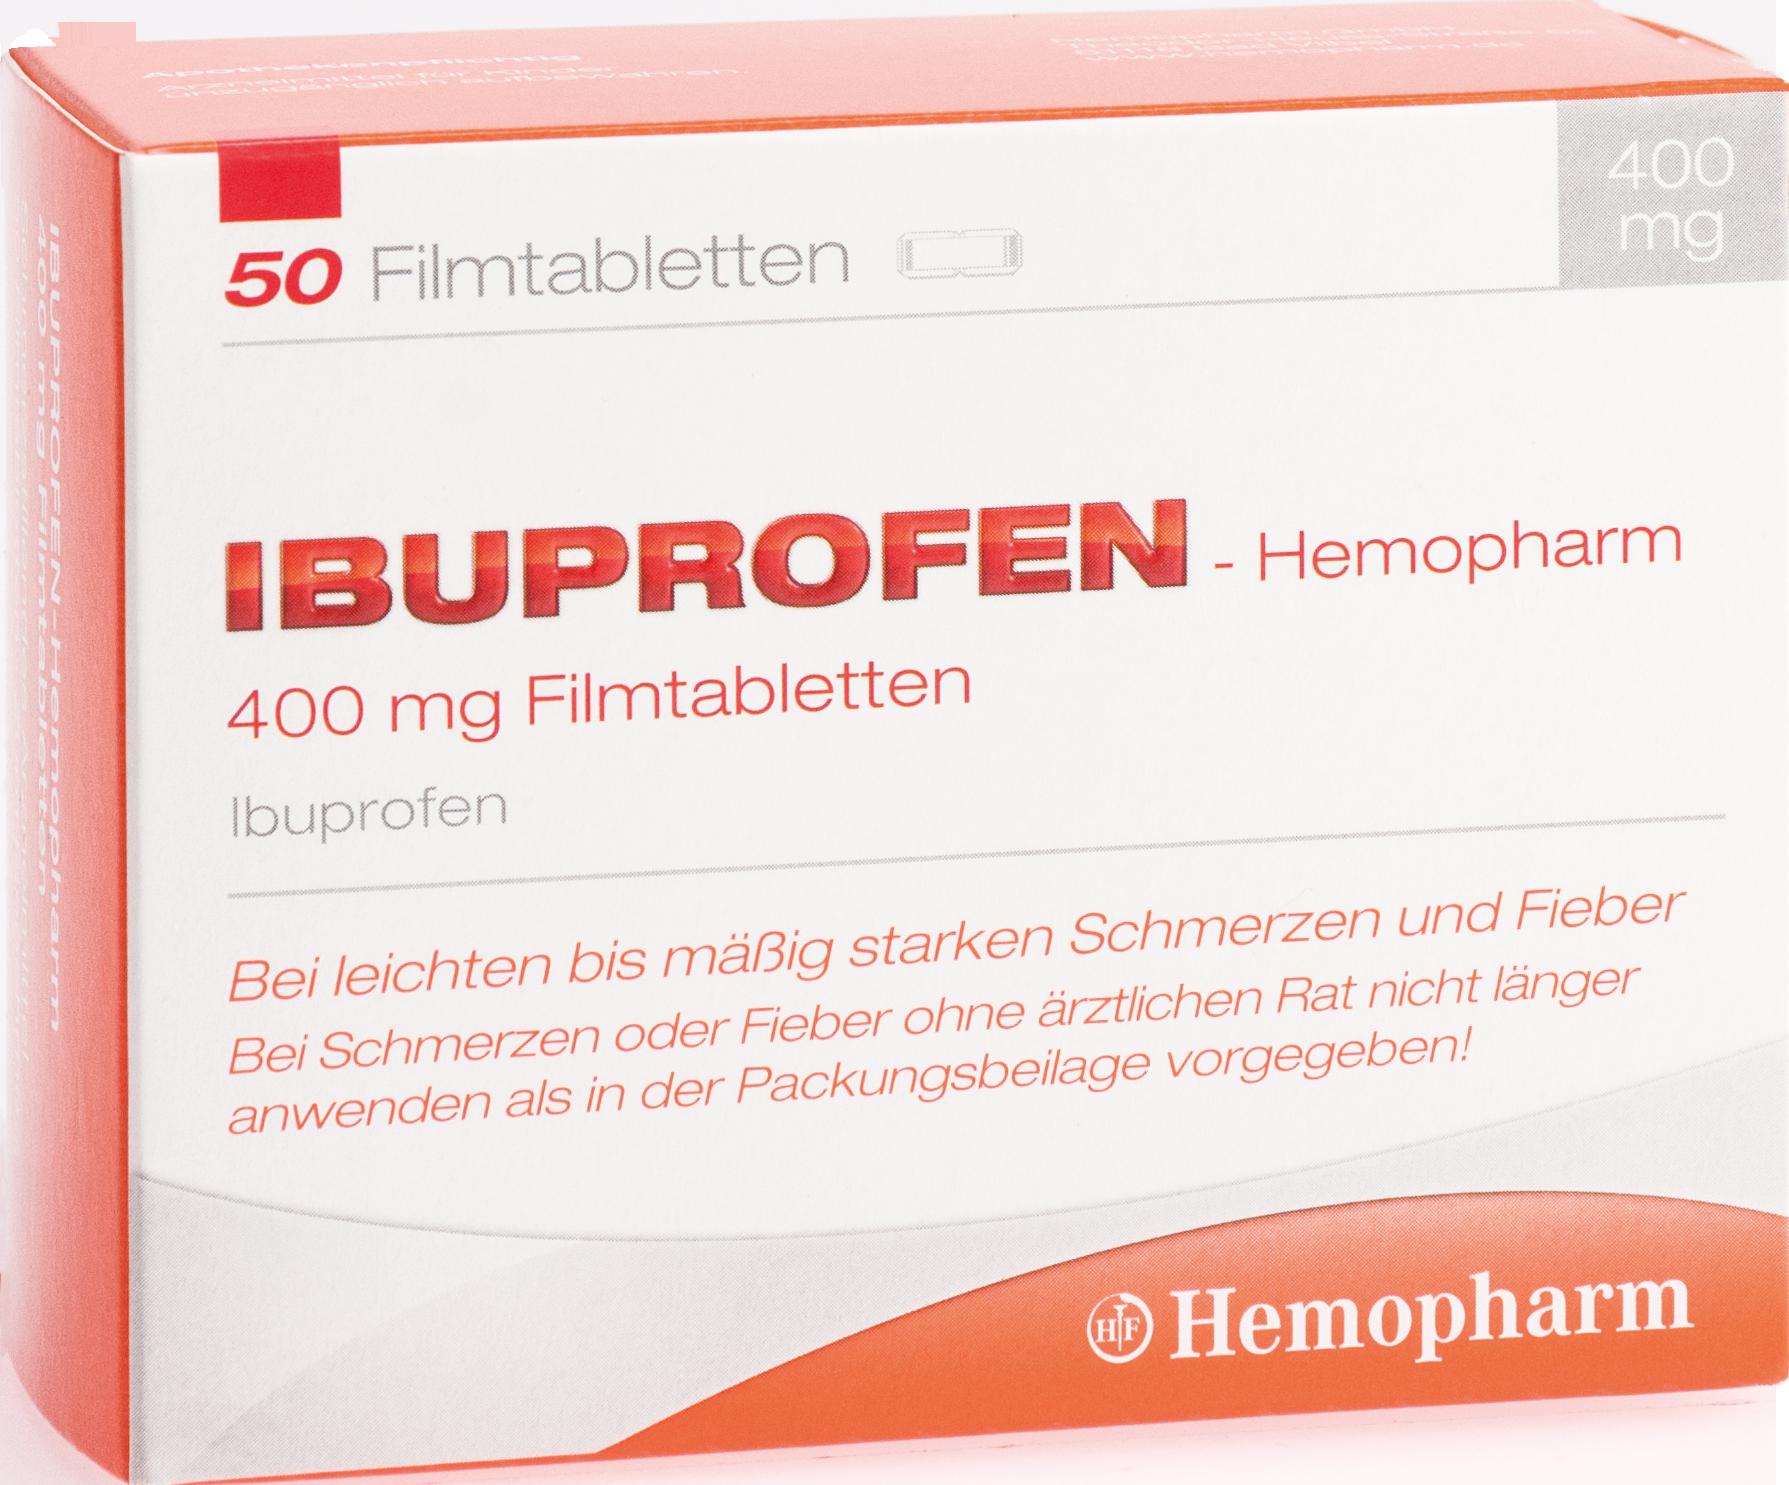 ibuprofen-Hemopharm 400mg Filmtabletten